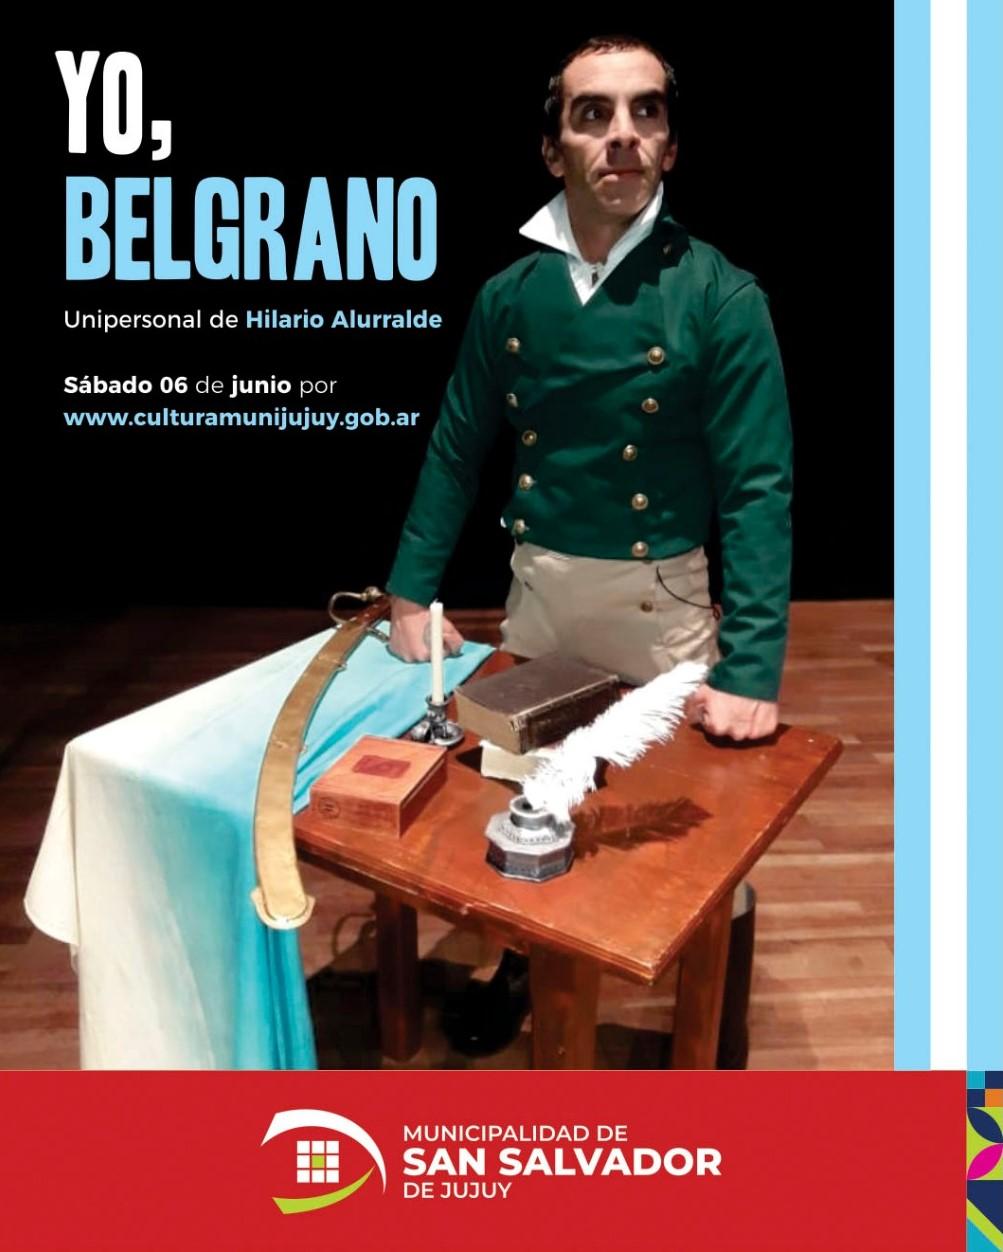 belgrano 3